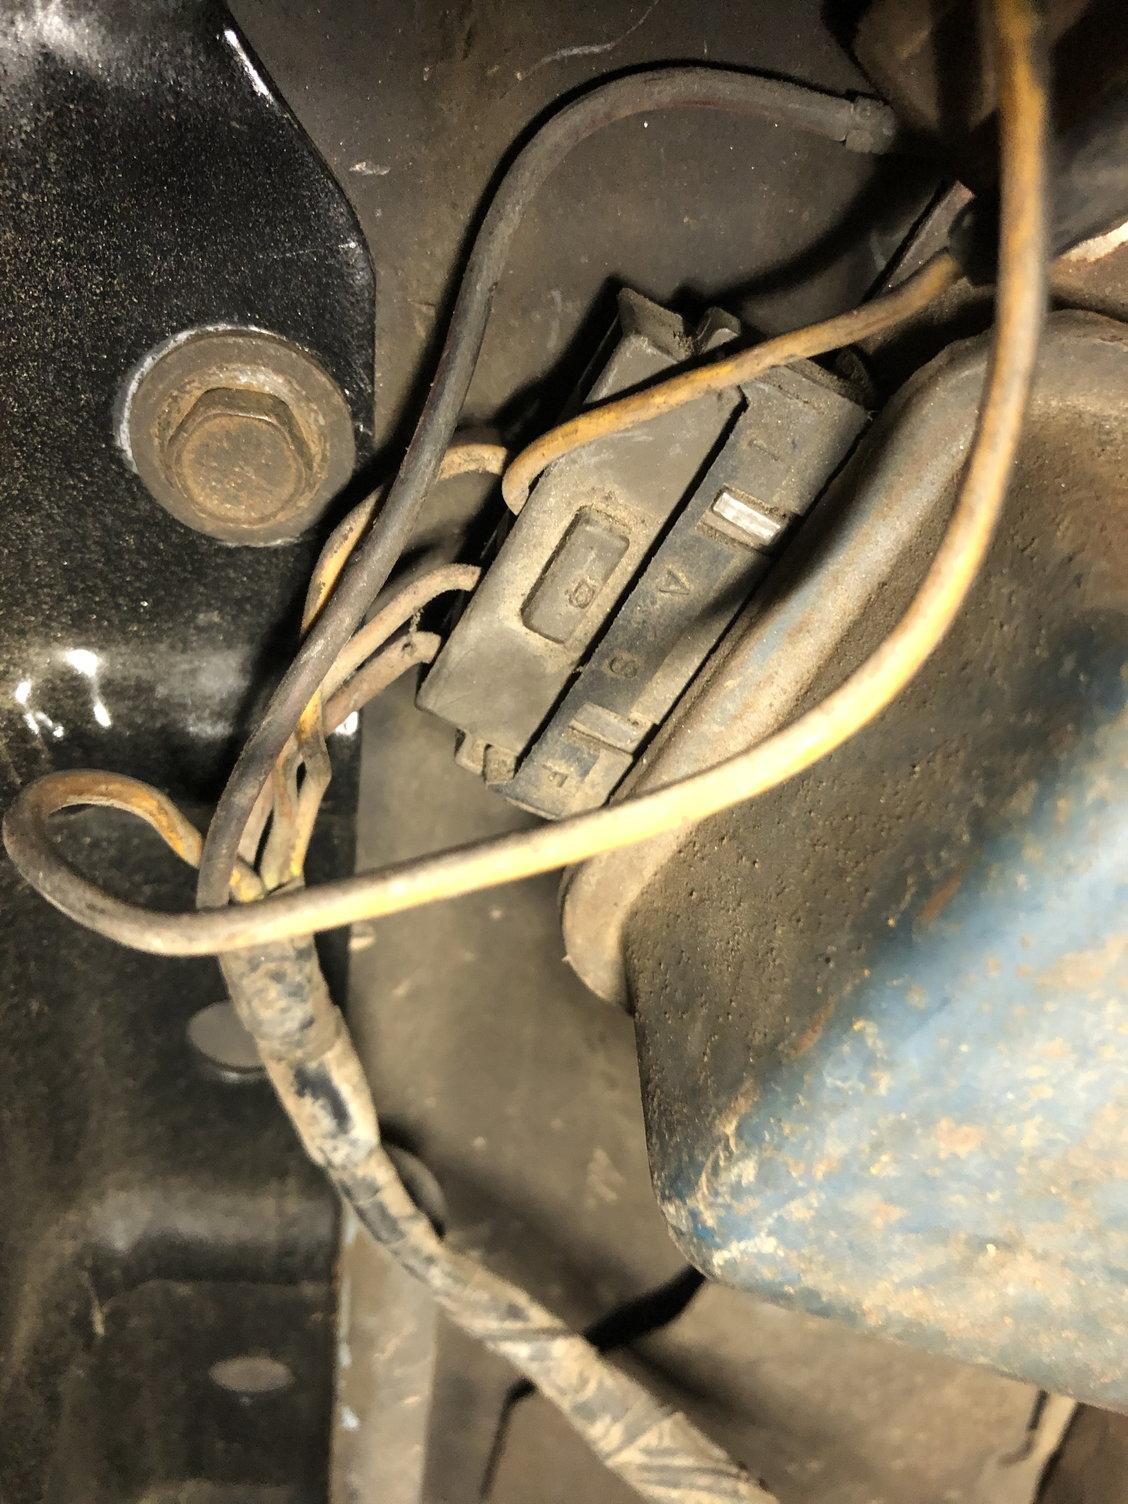 U0026 39 74 3g Alternator Wiring Help Needed